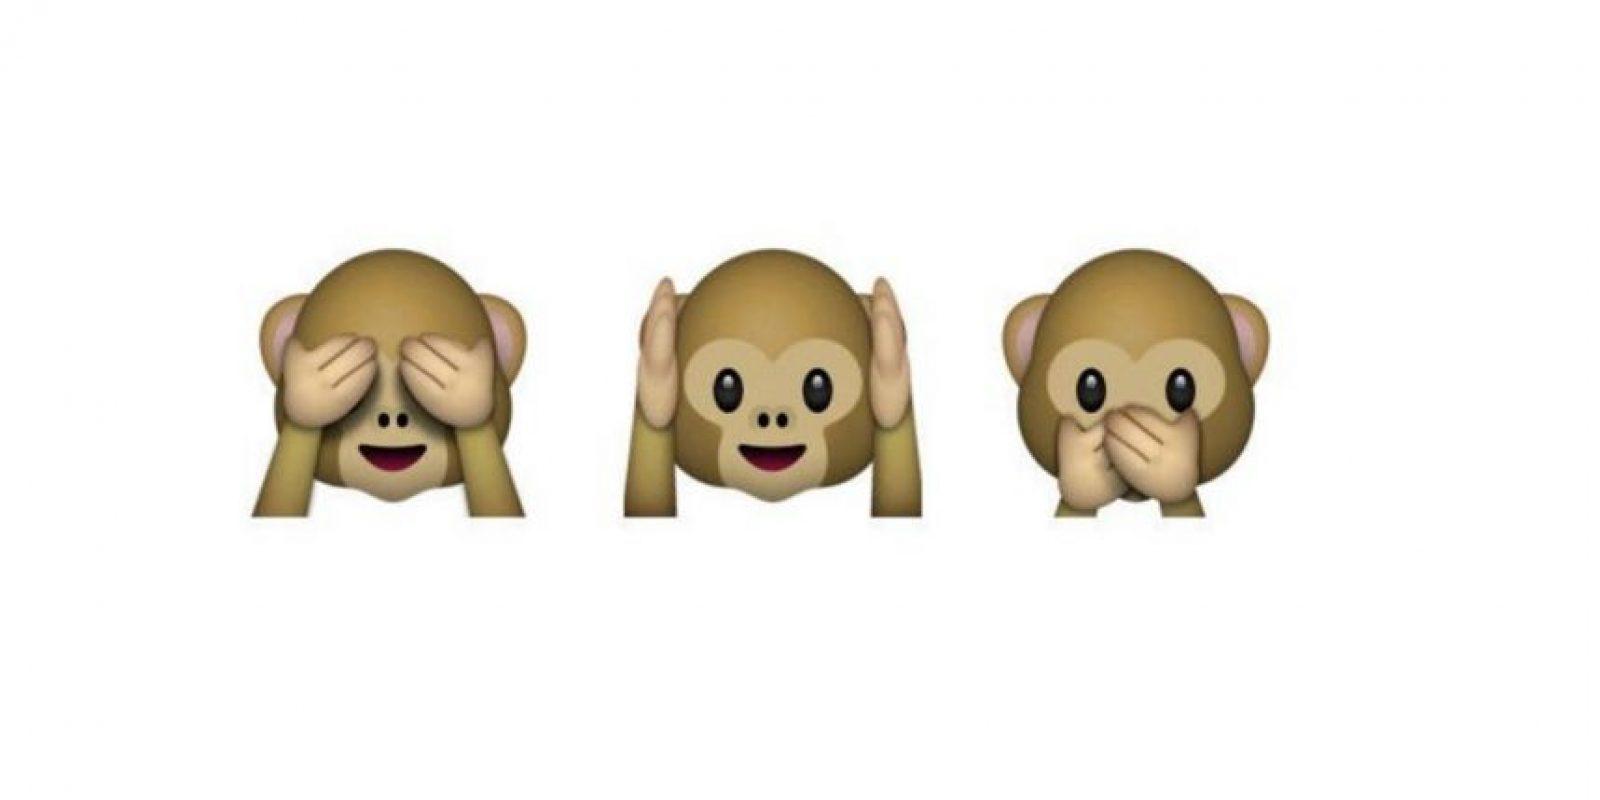 Estas imágenes son de origen japonés. Foto:Emojipedia